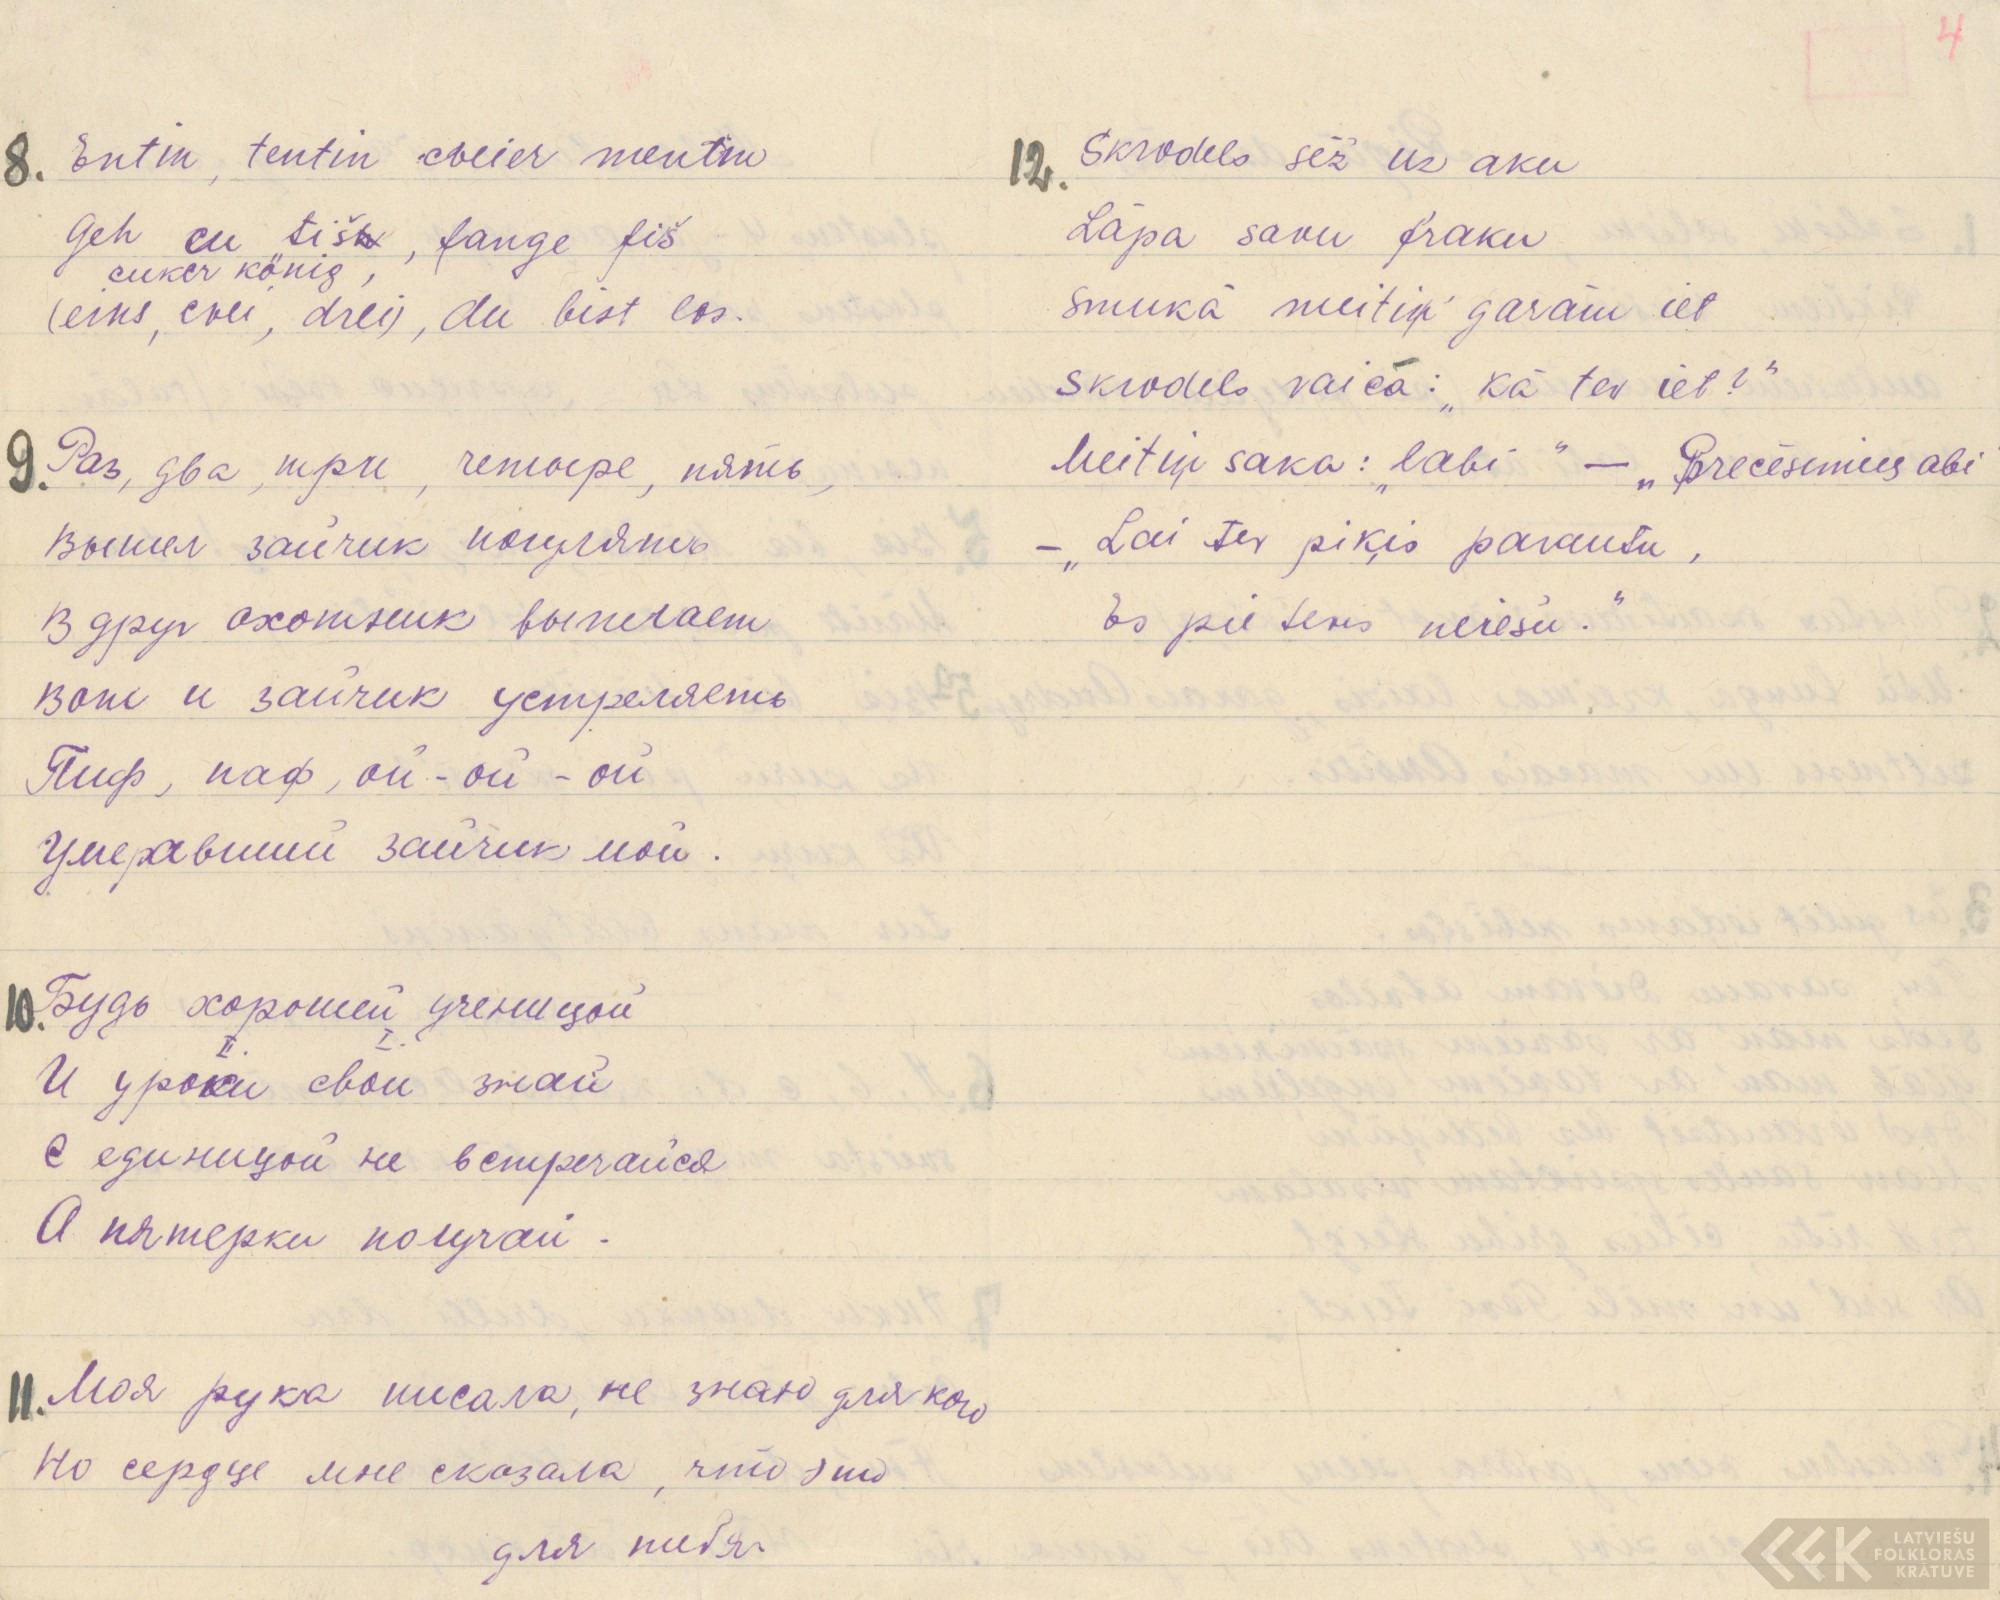 0001-Bernu-dziesmu-kolekcija-01-0004